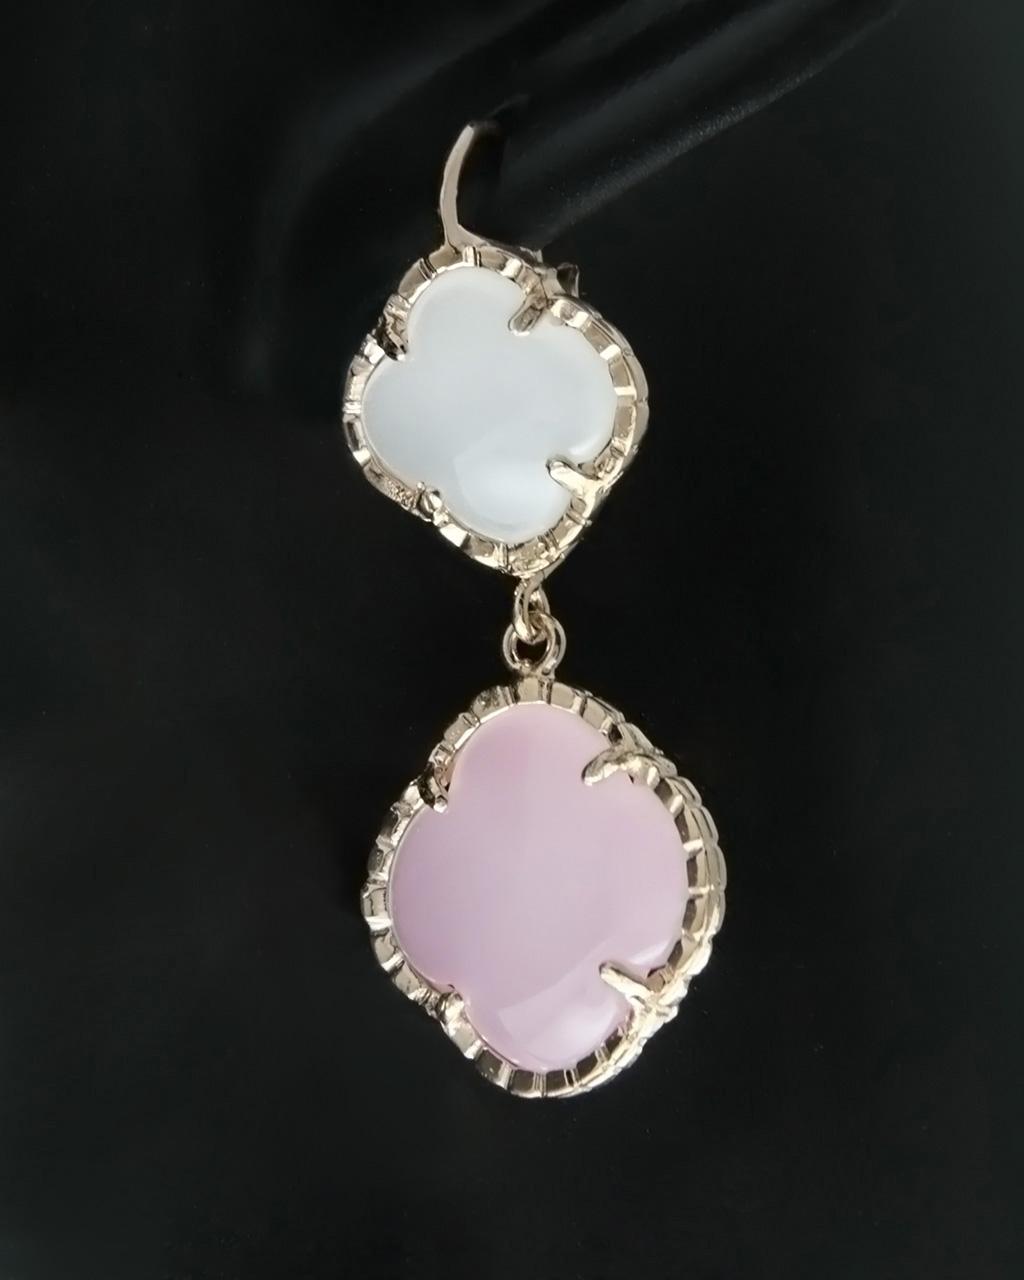 Σκουλαρίκια ασημένια 925 με Ορυκτές πέτρες   γυναικα σκουλαρίκια σκουλαρίκια ημιπολύτιμοι λίθοι